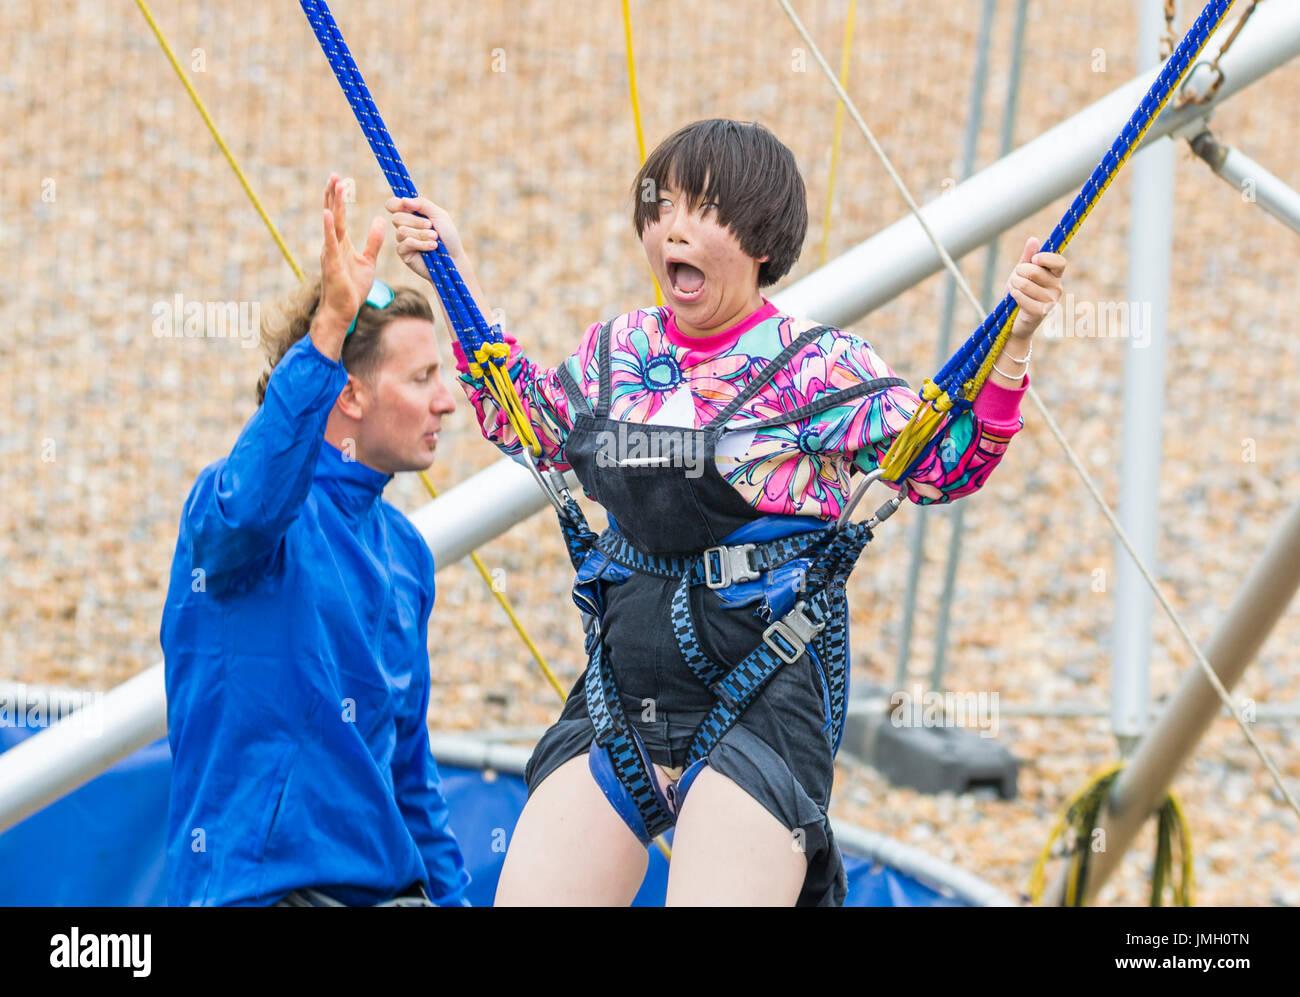 Junge japanische Mädchen lustig aufgeregte Gesicht machen, wie sie sich auf ein Bungee-Trampolin springen genießt. Bungee-Jump-Trampolin. Stockbild